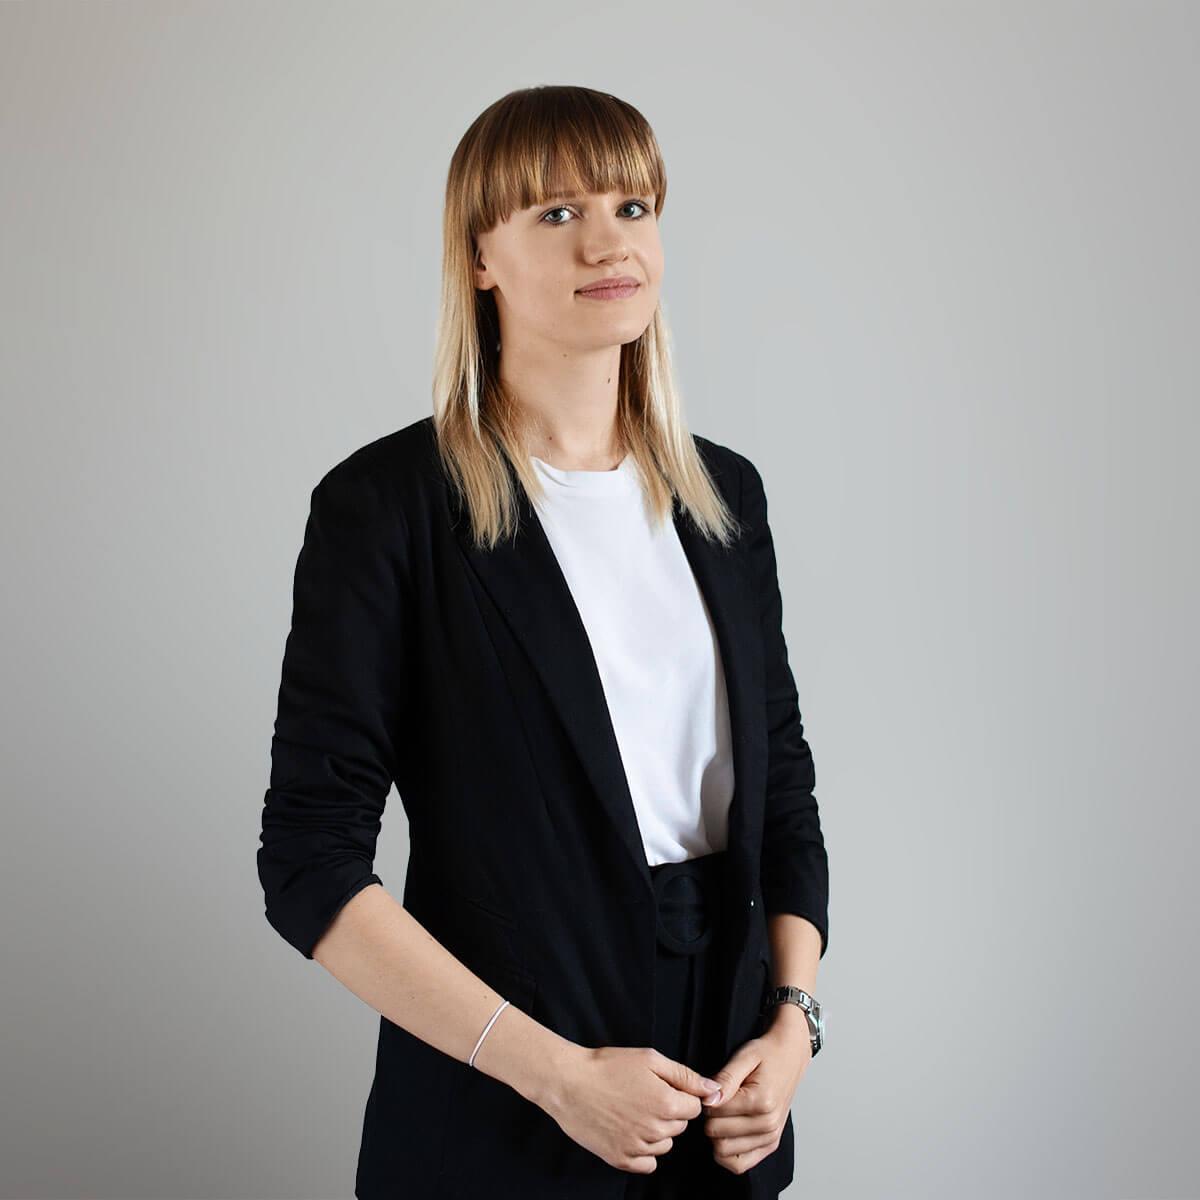 Magda Jędrzejewska